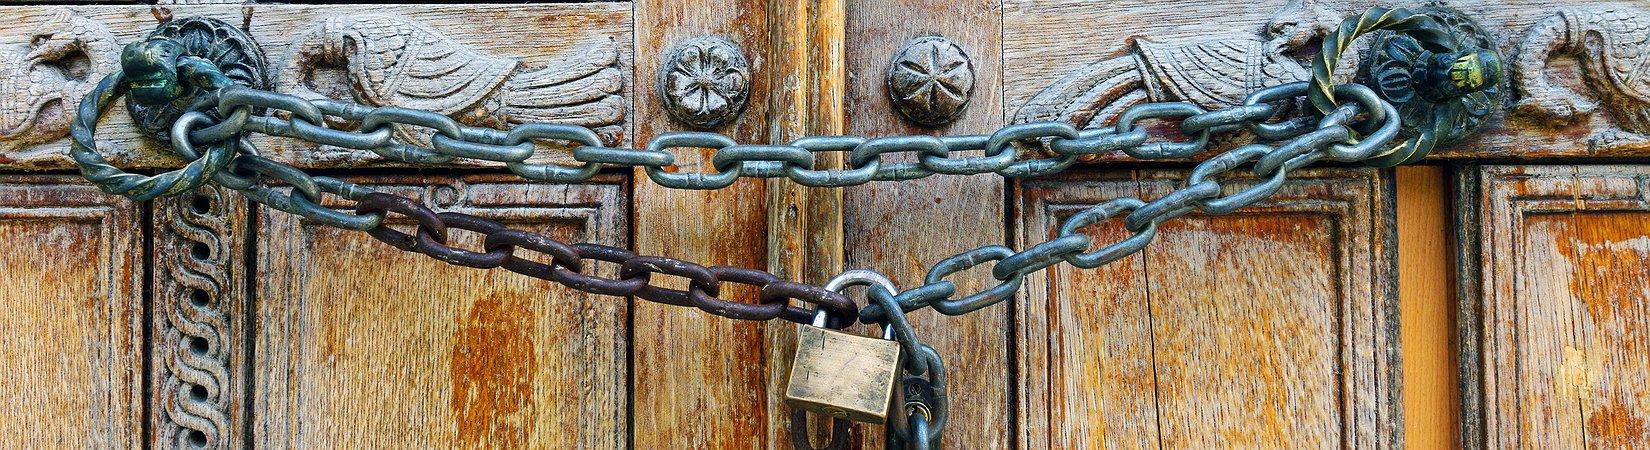 Plataforma de câmbio de criptomoedas declarou falência após ataque informático